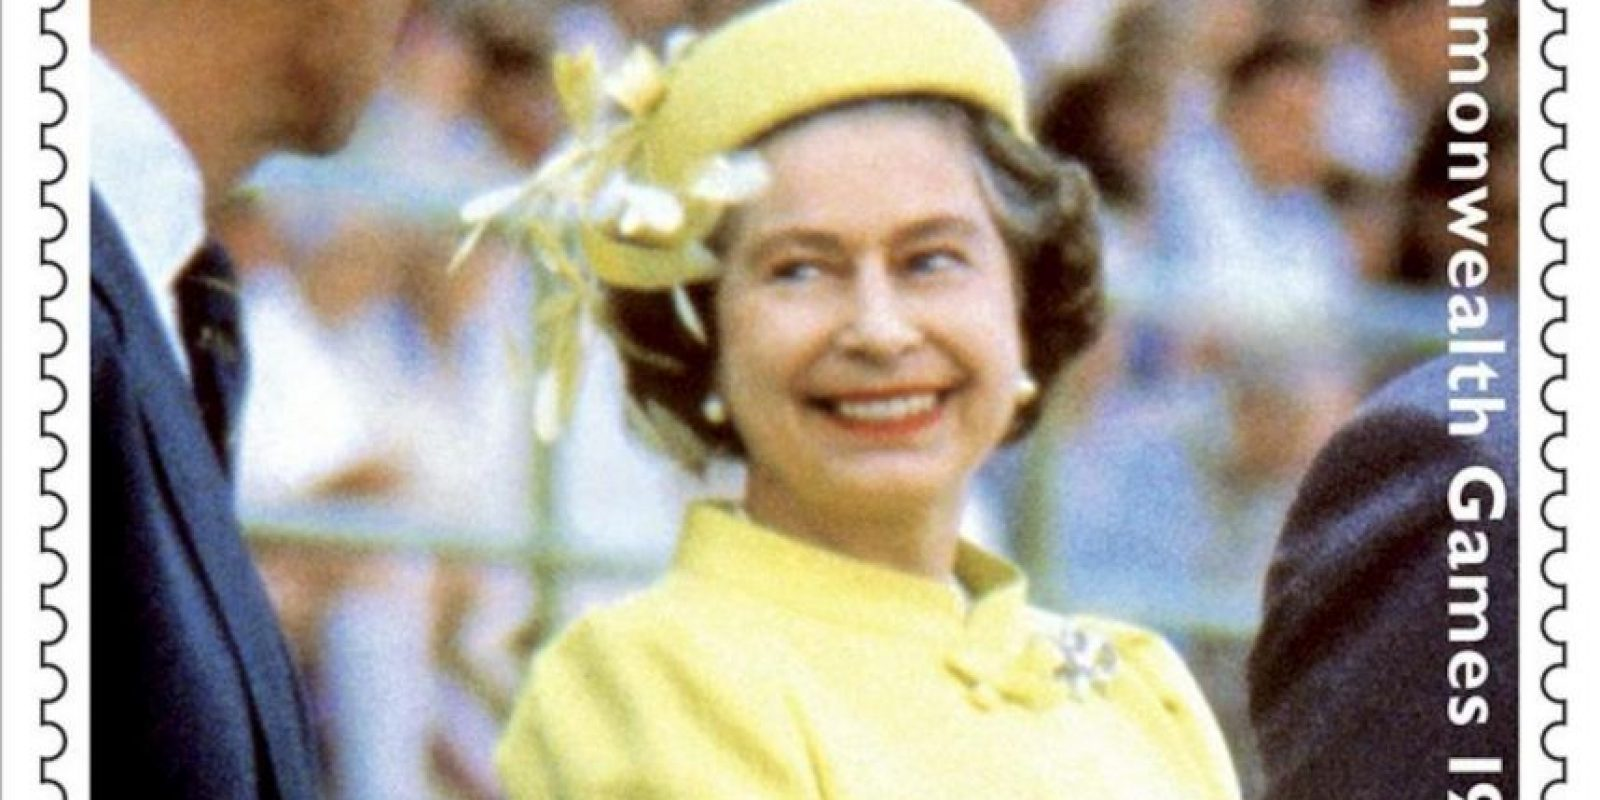 Foto cedida hoy, 24 de mayo, por la Royal Mail (Correos británicos) de uno de los de sellos postales conmemorativos de los sesenta años en el trono de Isabel II, colección cuyo tercero y último conjunto será emitido el próximo 31 de mayo. EFE